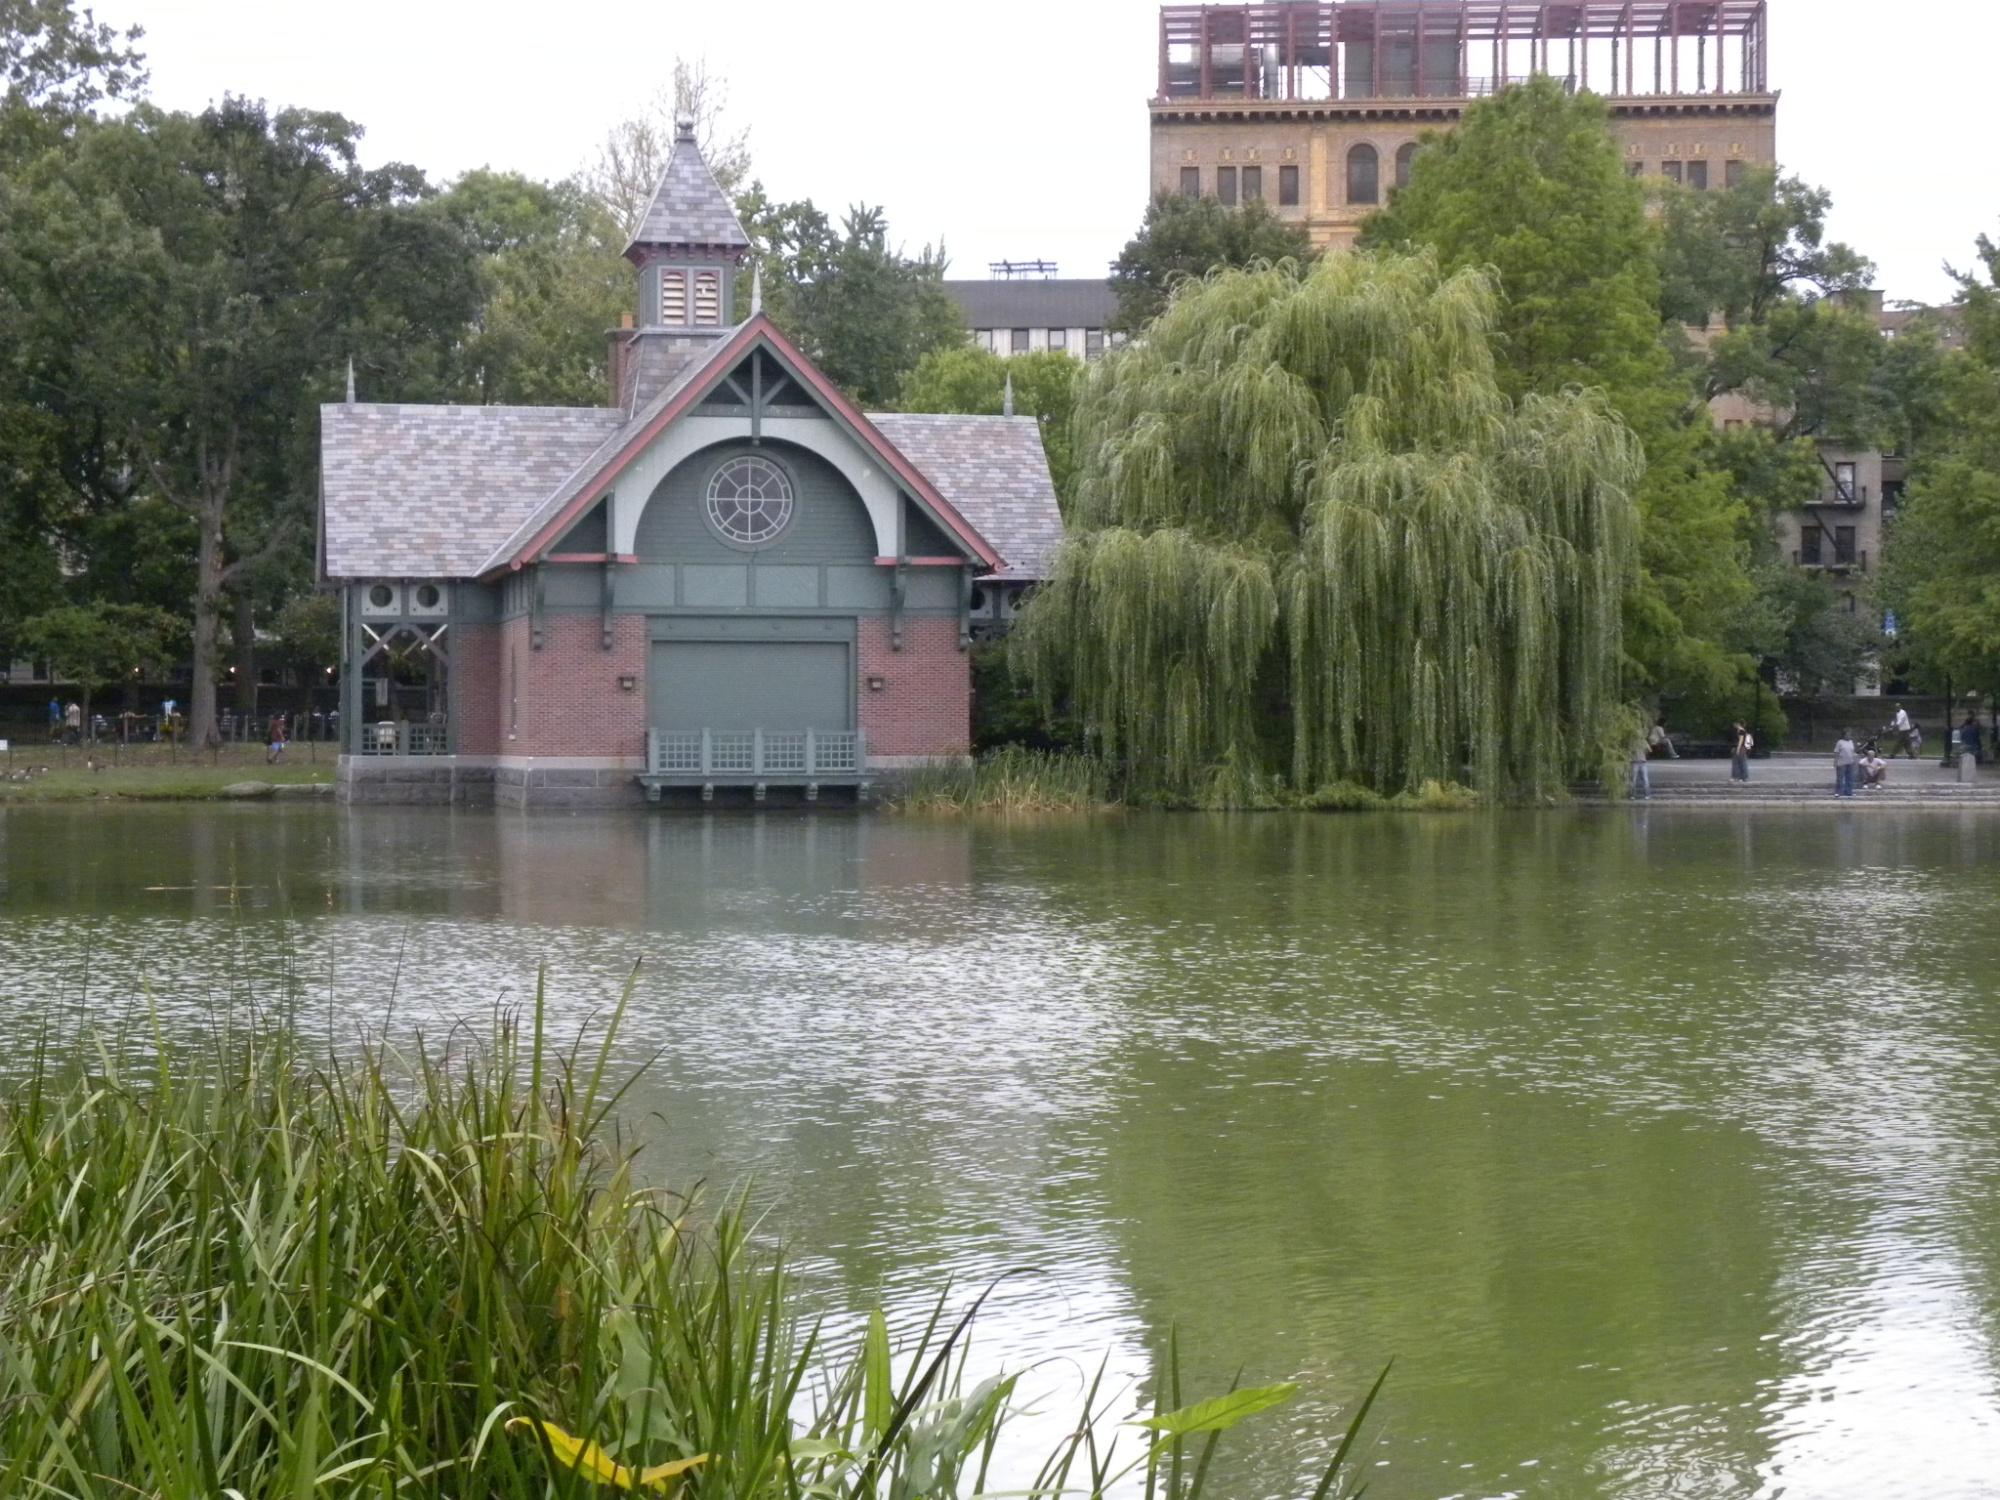 Central Park house near a lake.